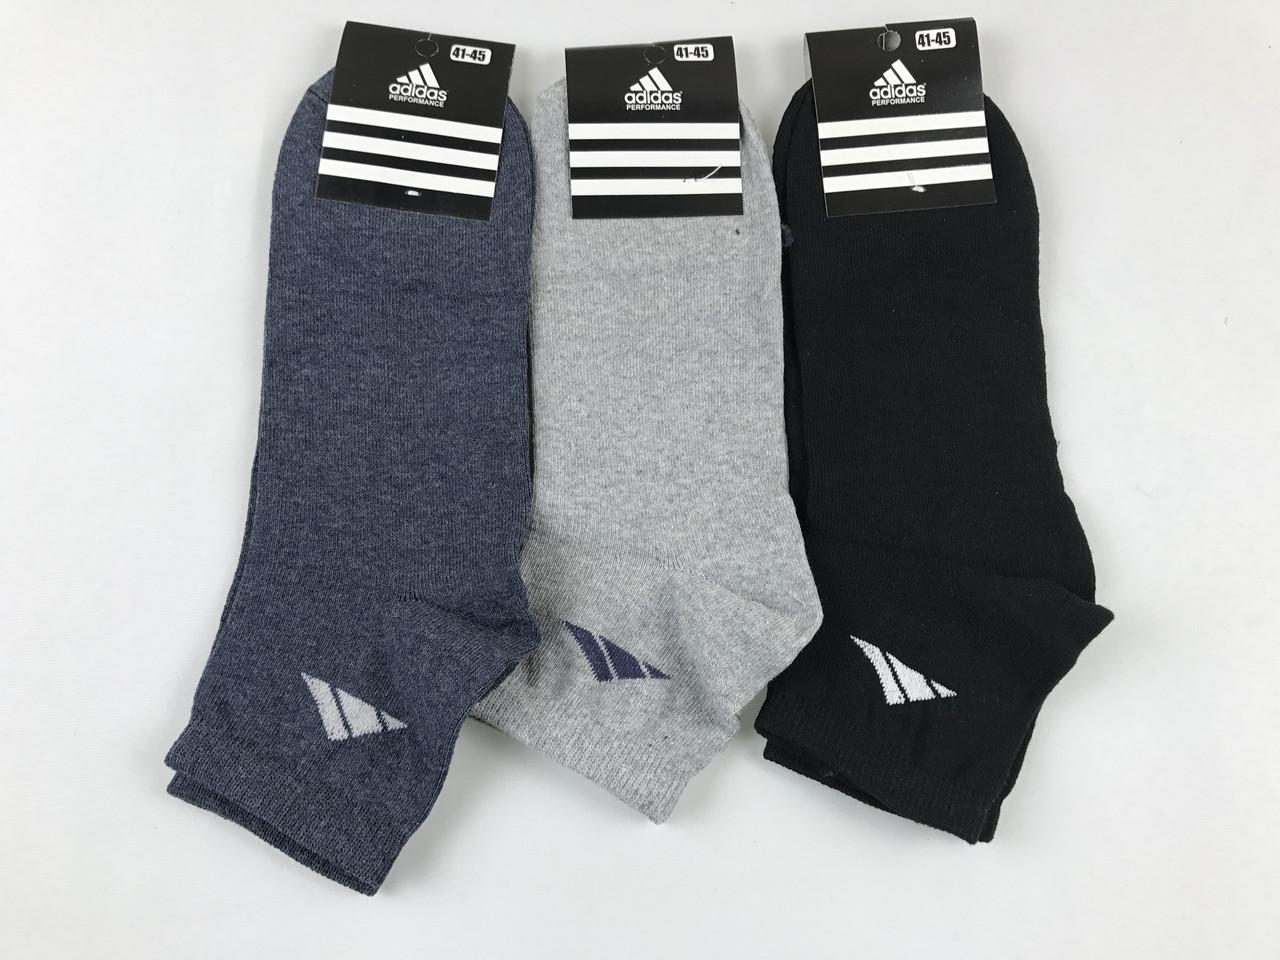 Носки мужские Adidas реплика 41-45 Хлопок (12 пар) короткие